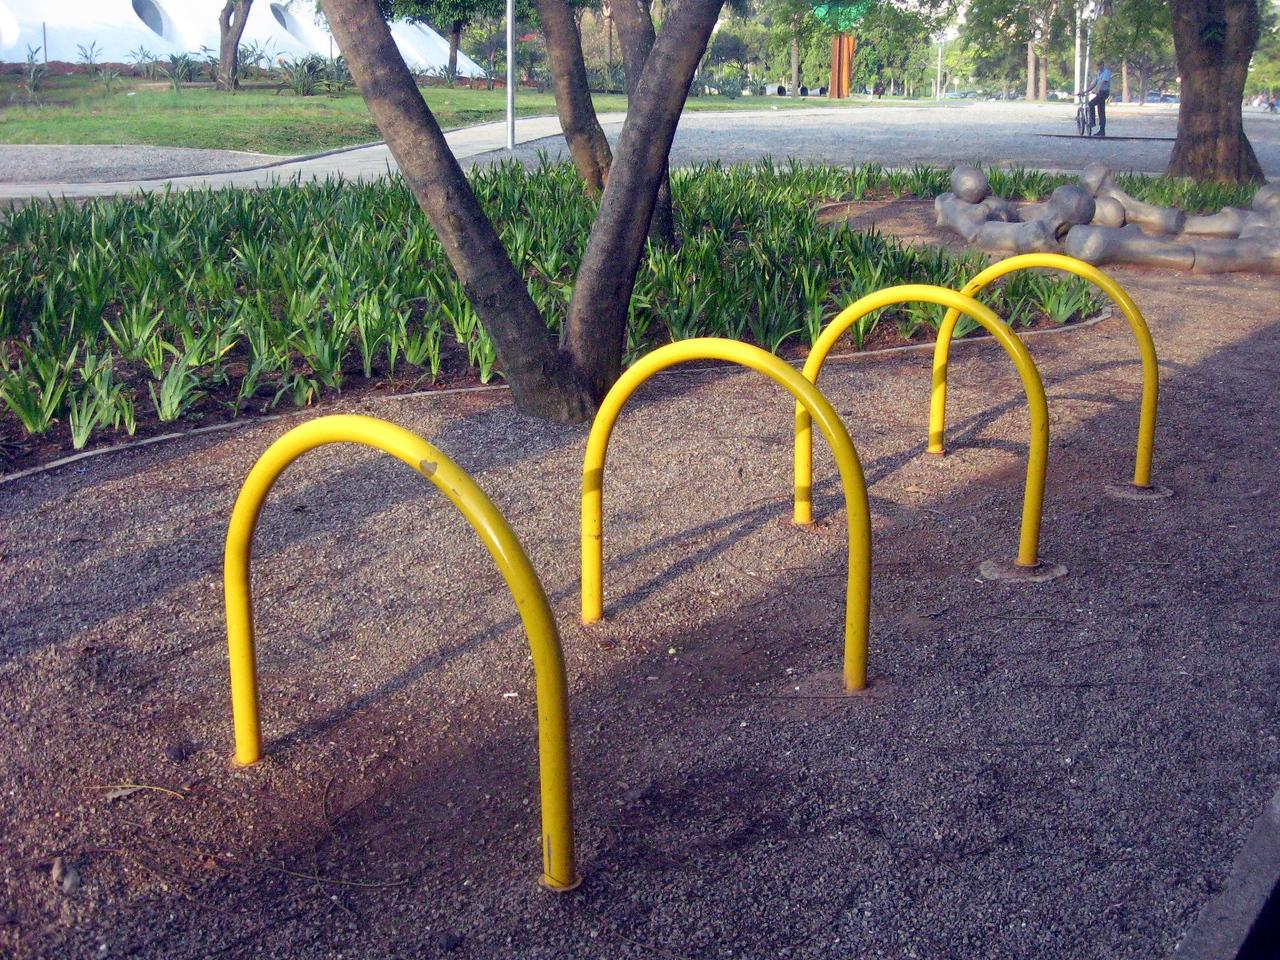 Arcs of yellow metal--*actual* bike racks!  Hmmm--where's the art here?!